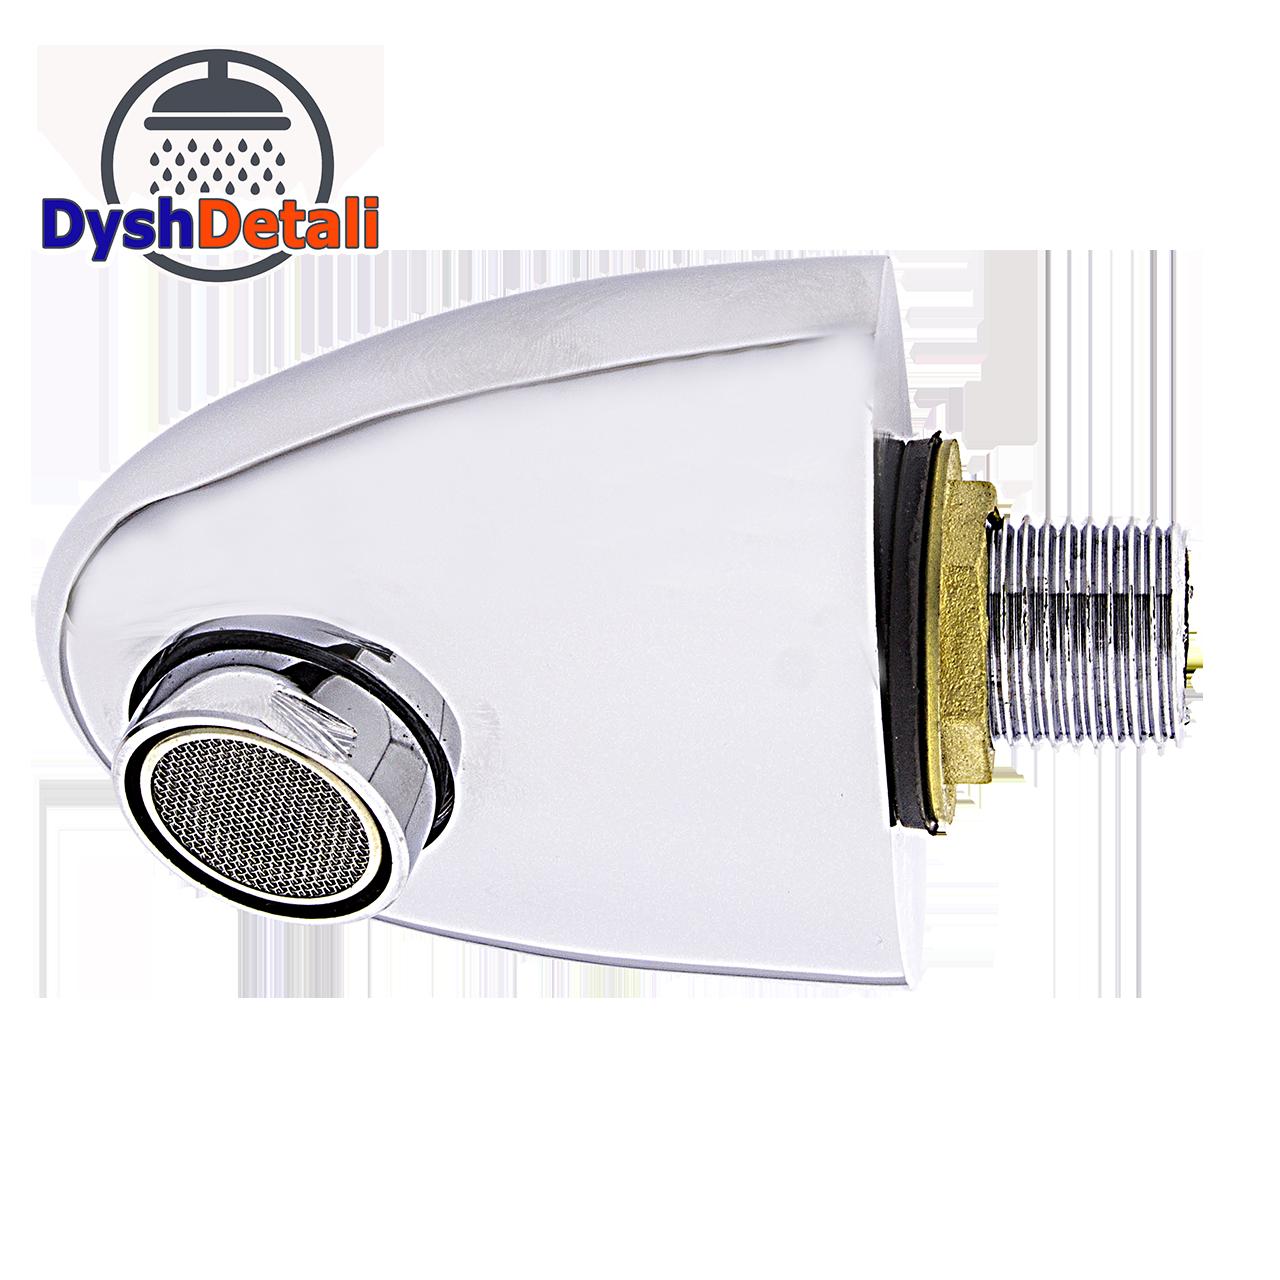 Налив воды настенный (AB 6806) для душевых кабин и настенного монтажа